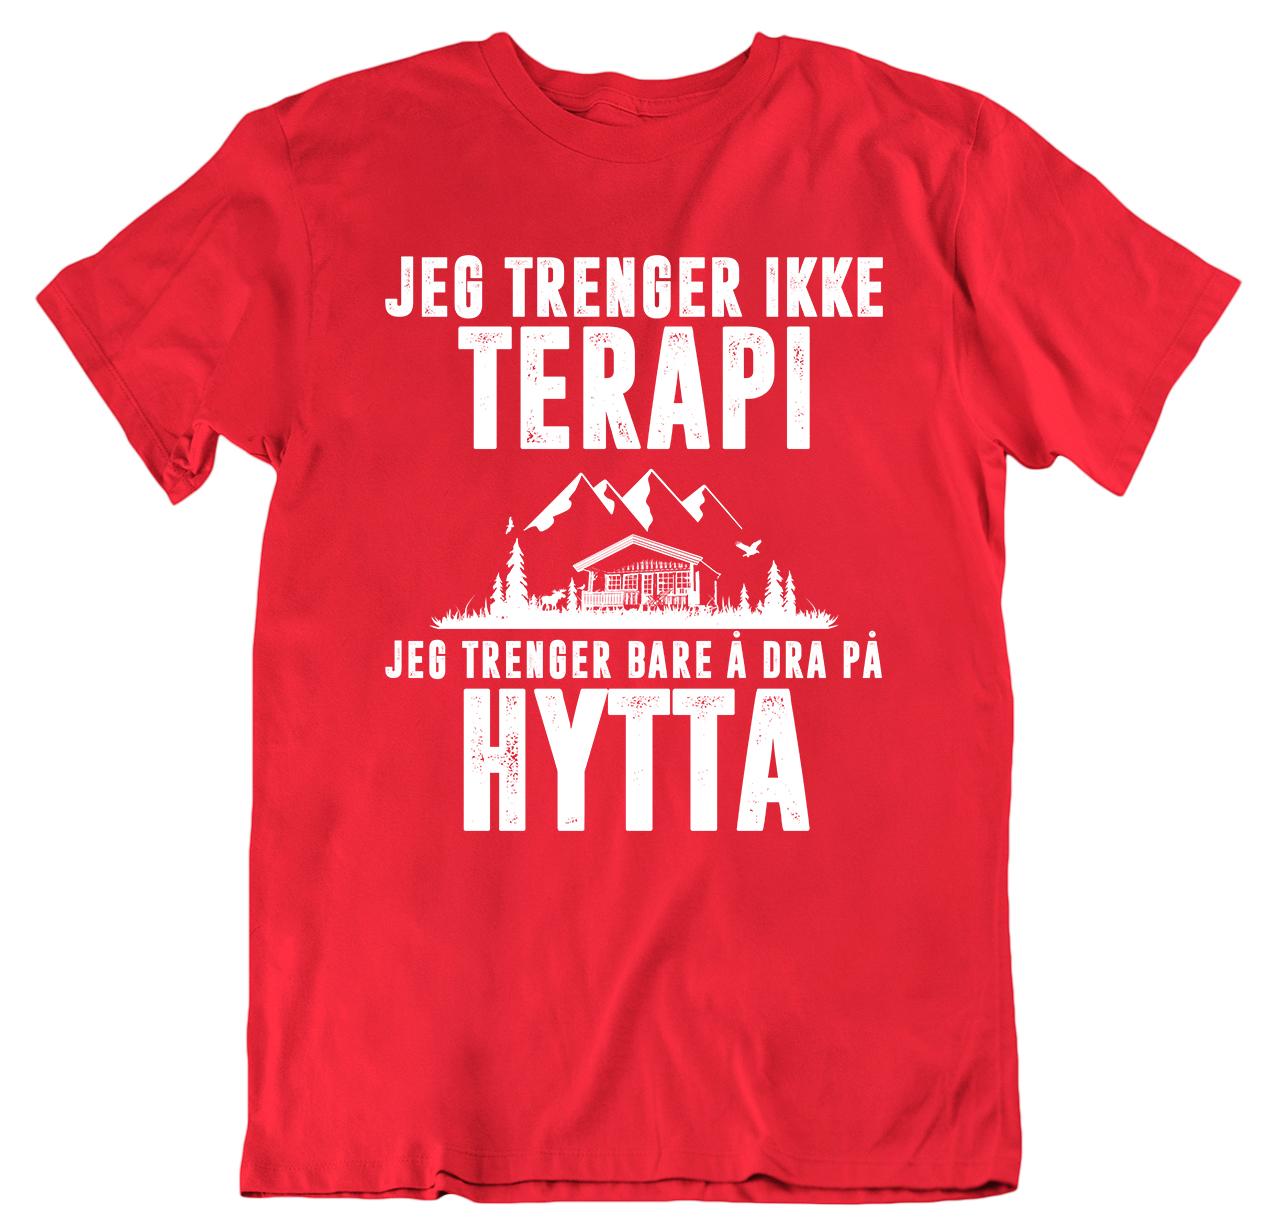 Terapi Hytta t skjorte Ekte Bajas morsomme t skjorter